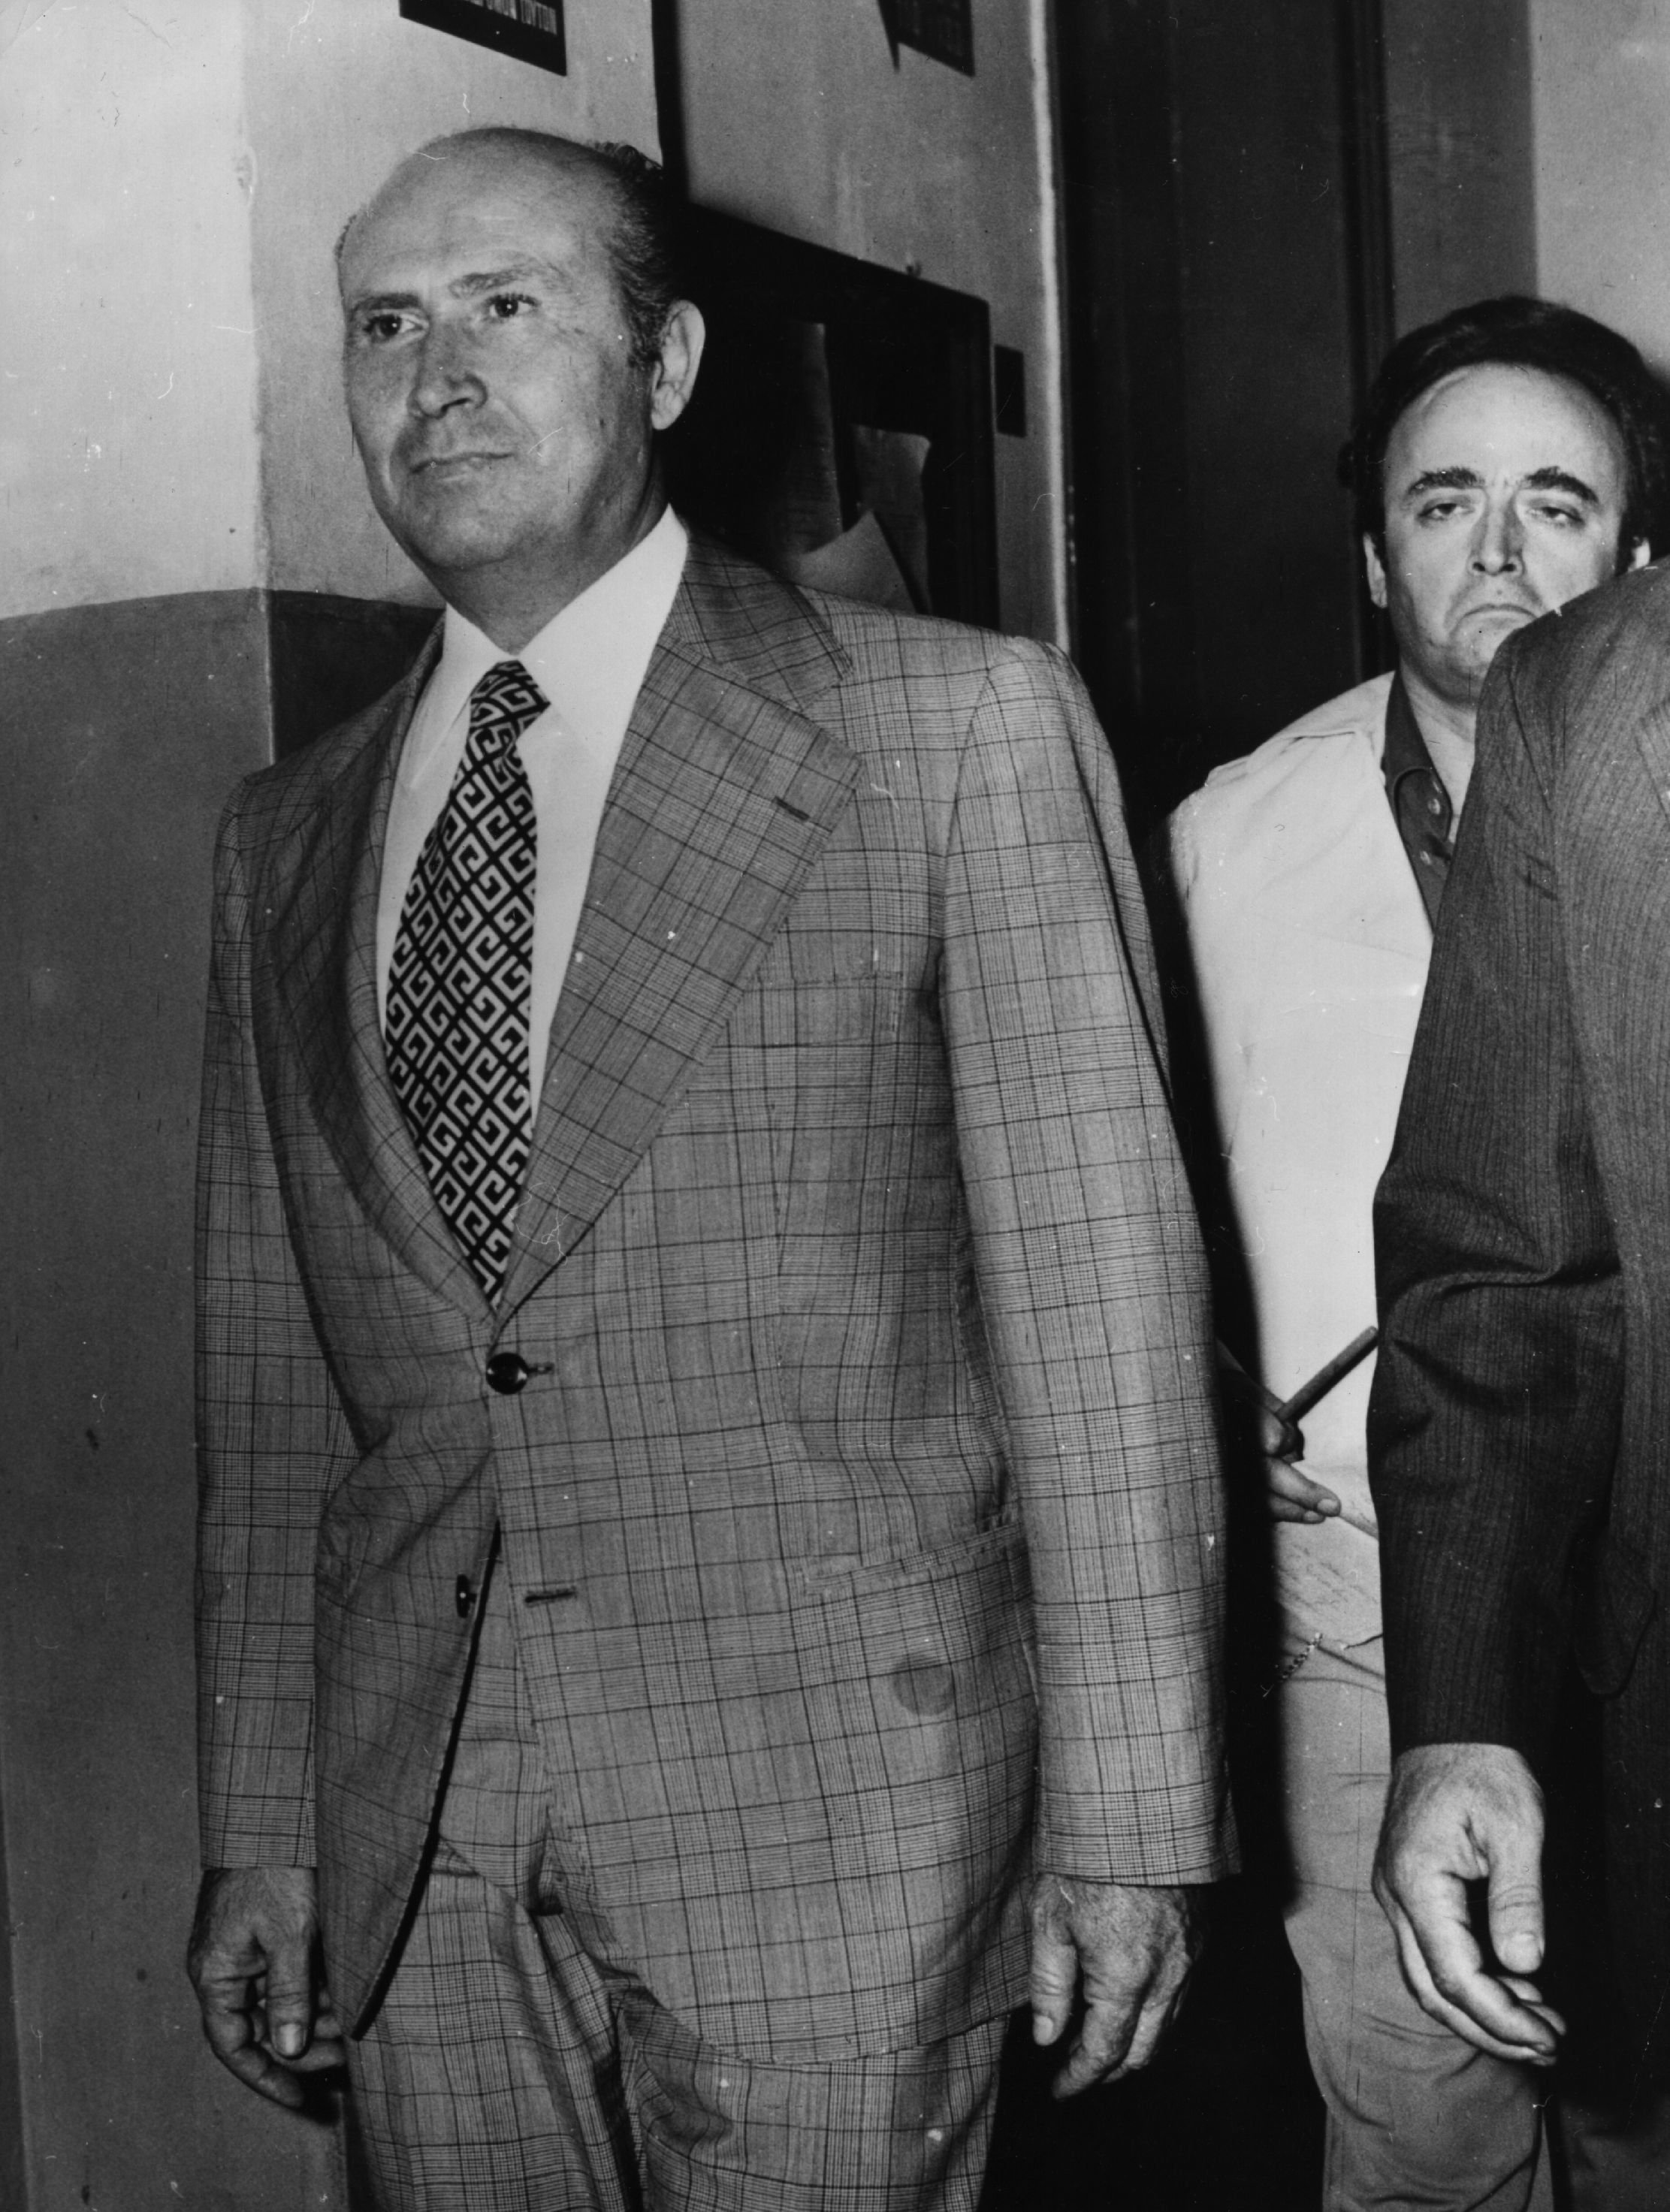 21η Απριλίου 1967-2018: Η περίπτωση του Δημήτρη Ιωαννίδη, η Κύπρος και η